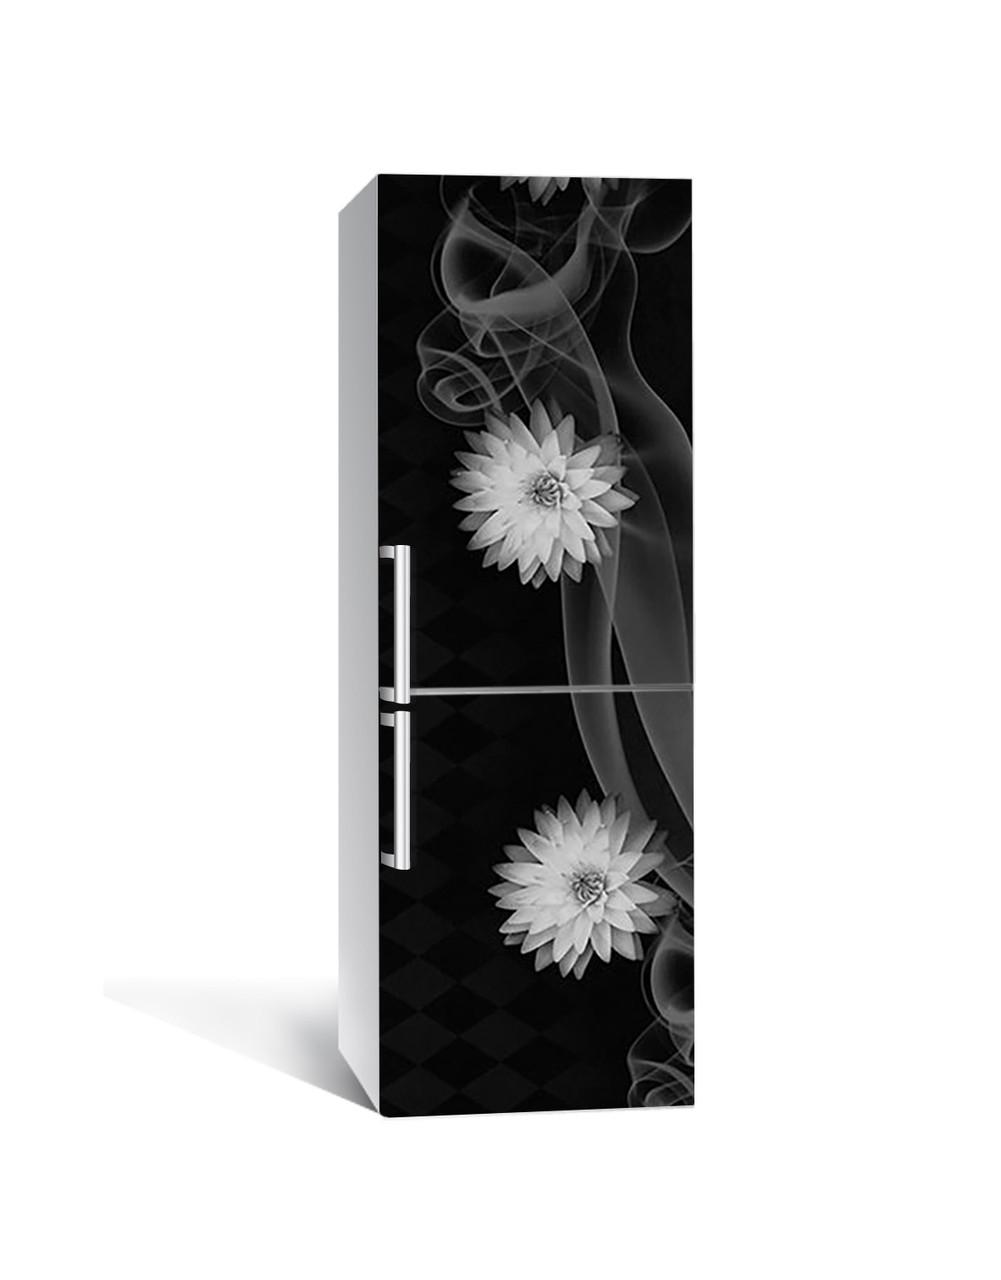 Декор 3Д наклейка на холодильник Жоржини в диму (плівка ПВХ з ламінуванням) 65*200см абстракція Чорний